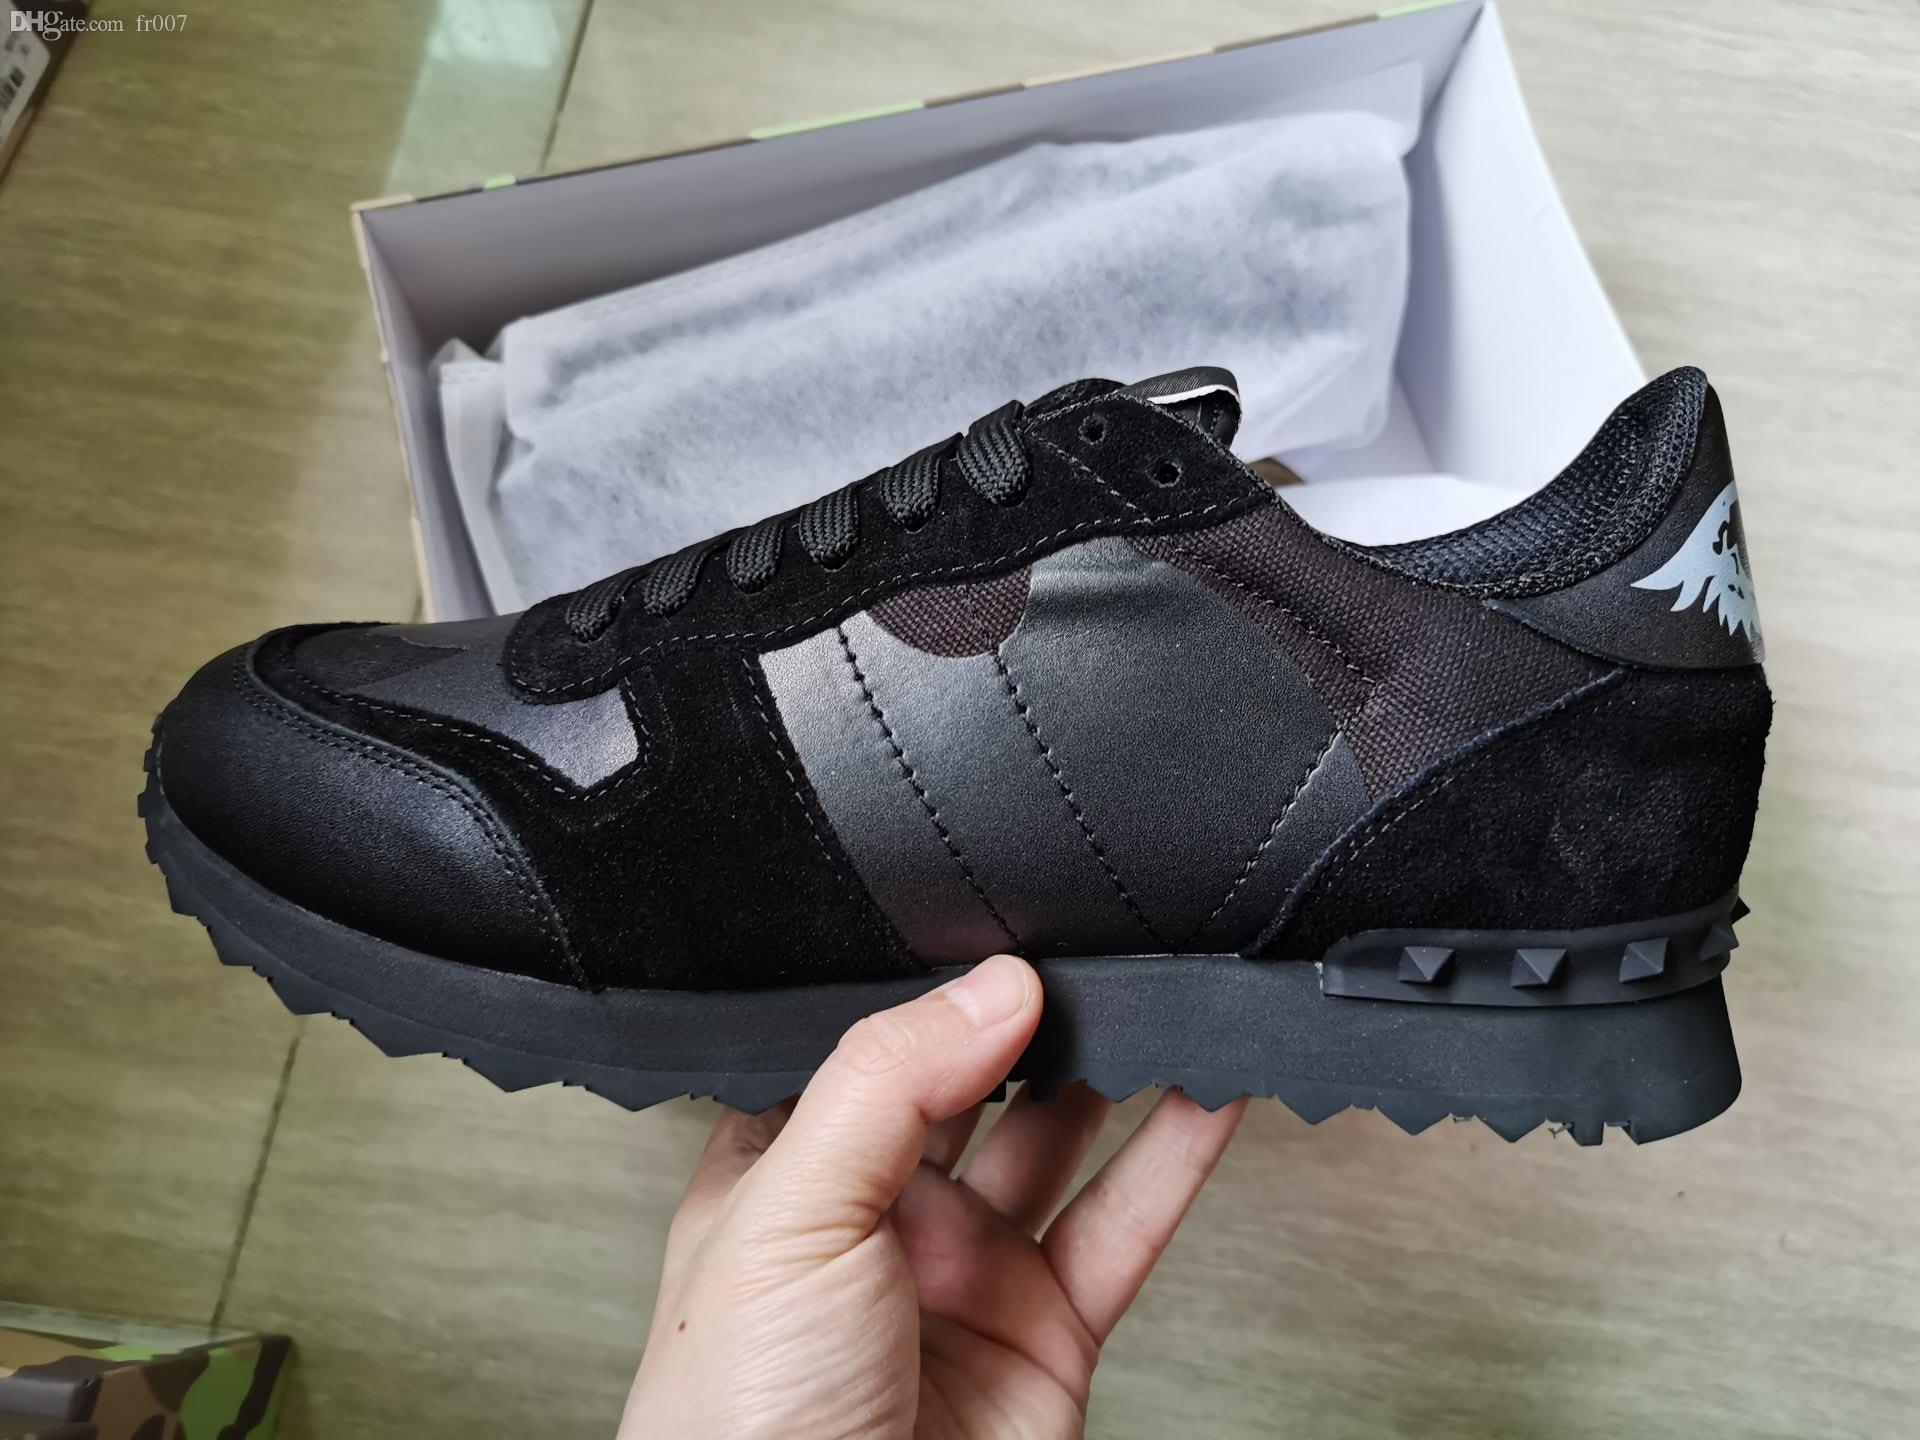 Fashion New Top marchi di stilisti Scarpe Rockrunner Camouflage Noir tessuto nappa della scarpa da tennis Del Cuoio Genuino Mens Donne Appartamenti di lusso scarpe da ginnastica